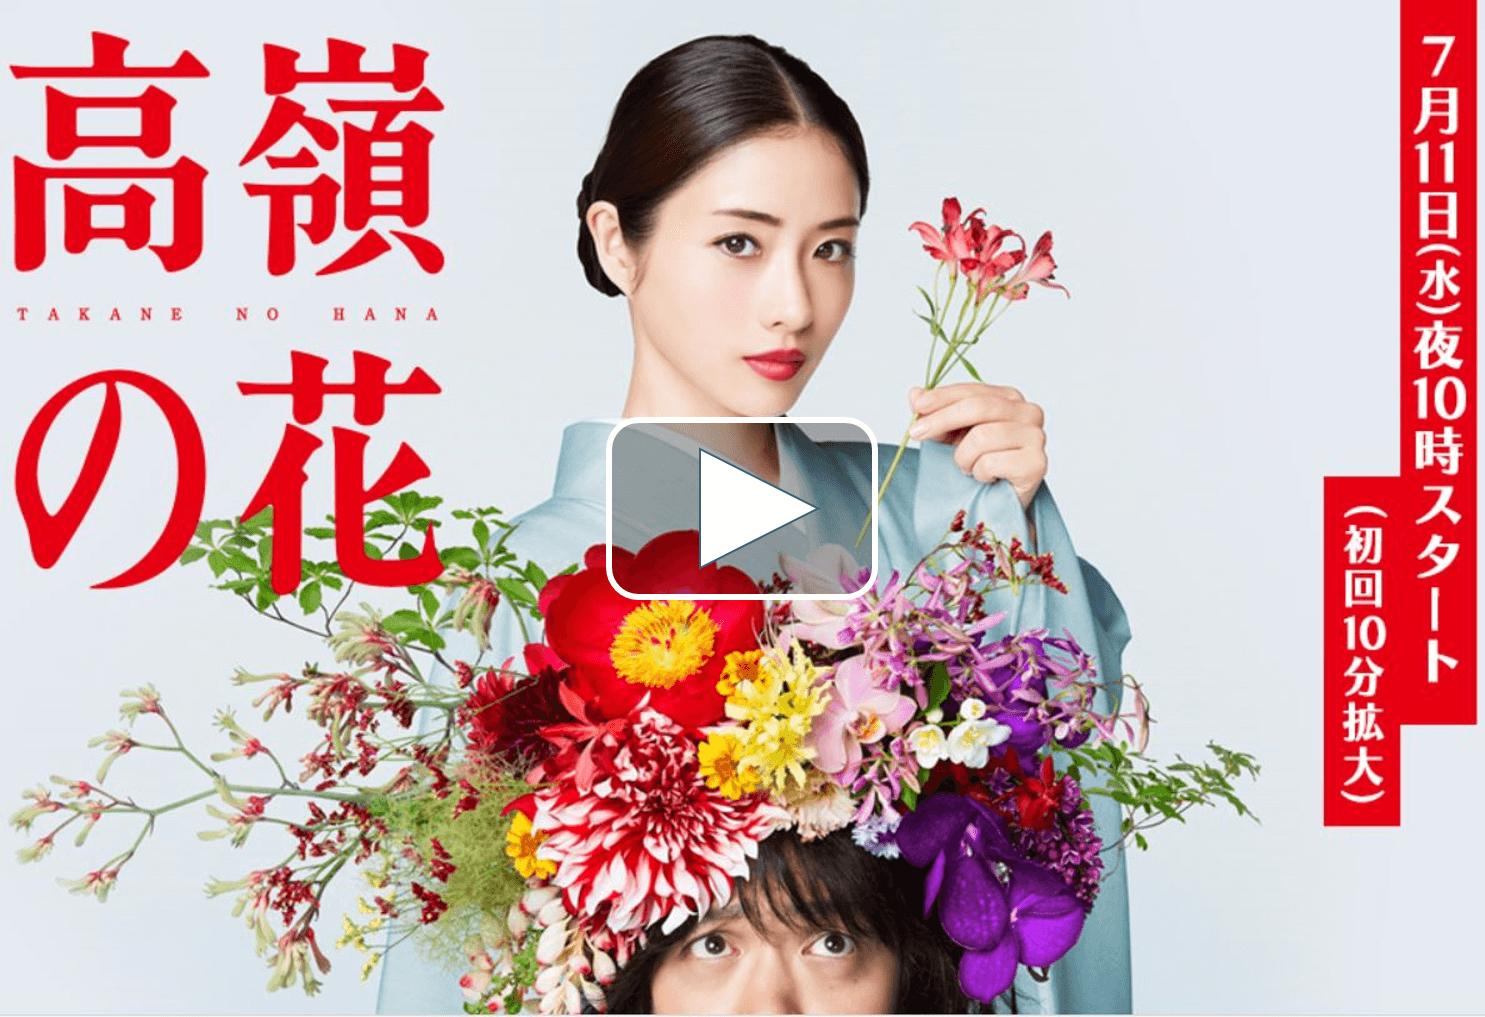 高嶺の花の動画を無料でフル視聴!pandoraやdailymotionは見れない?